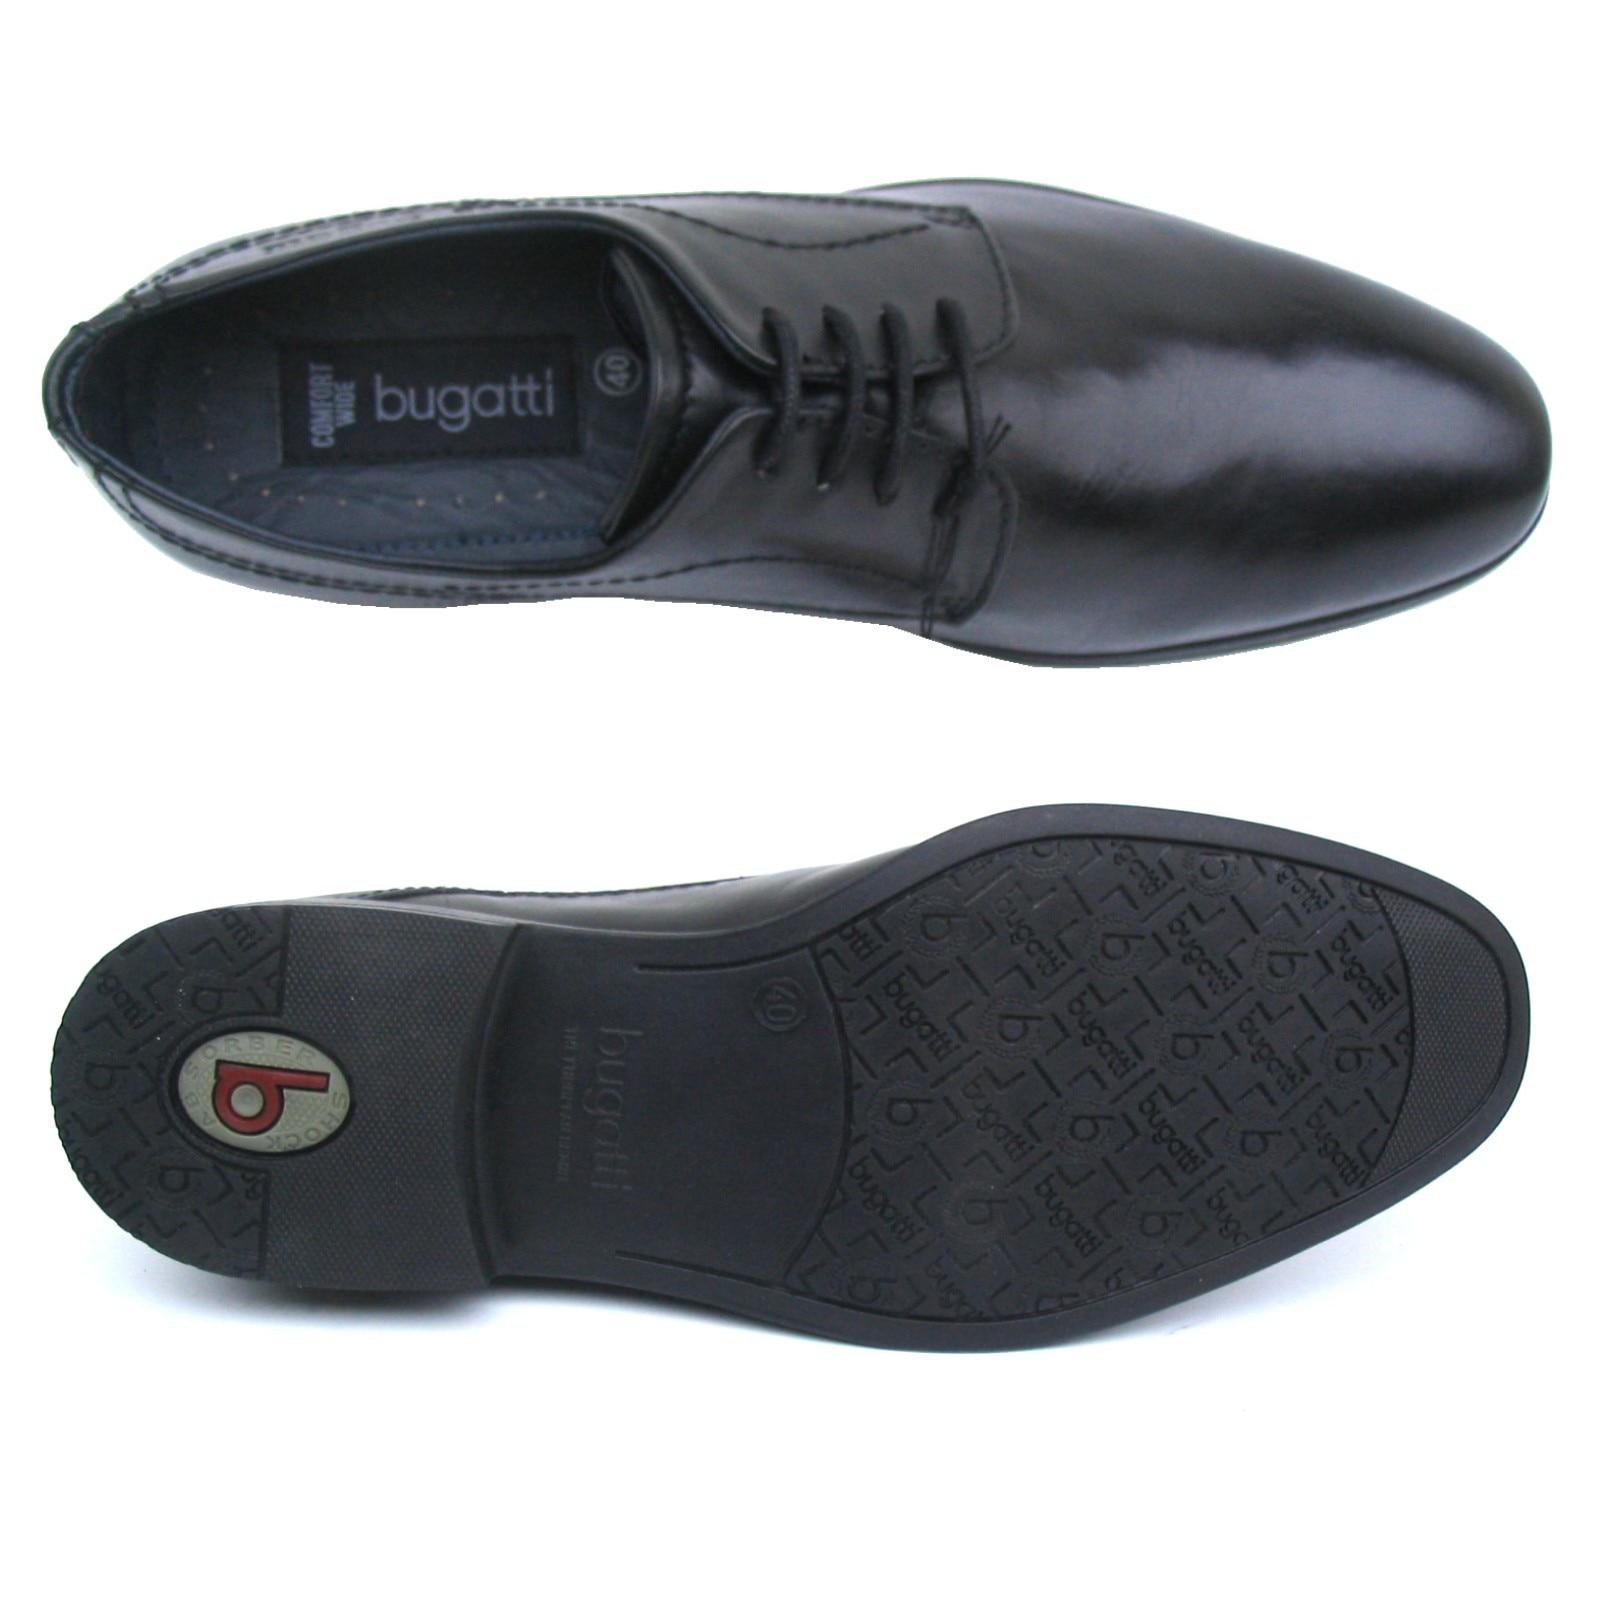 02984 Bugatti férfi félcipő U7302 1 100 Méret 40 eMAG.hu